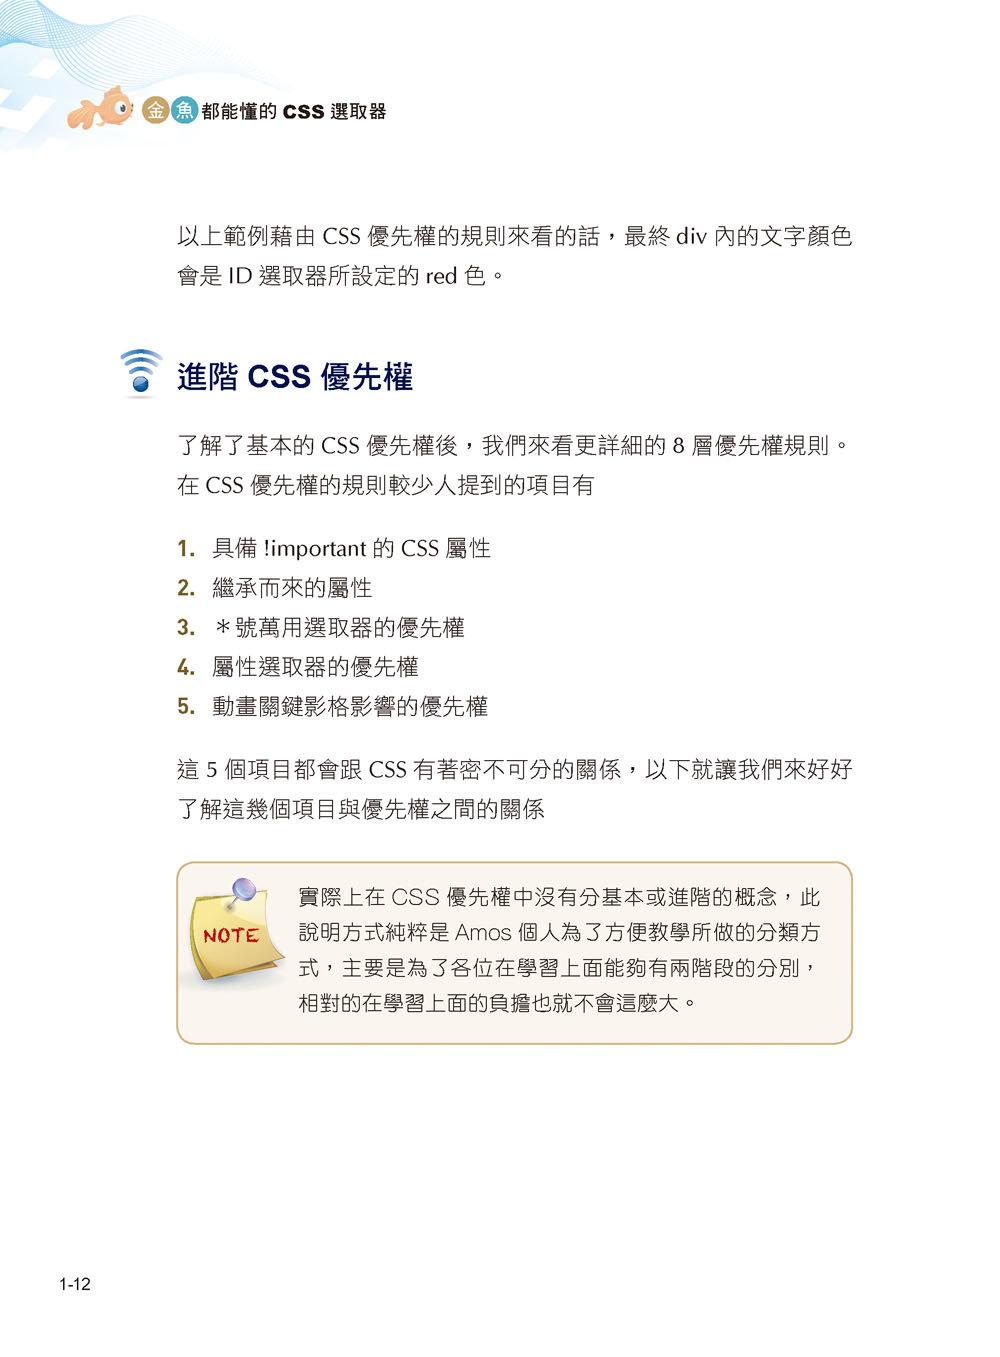 金魚都能懂的 CSS 選取器:金魚都能懂了你還怕學不會嗎(iT邦幫忙鐵人賽系列書)-preview-15